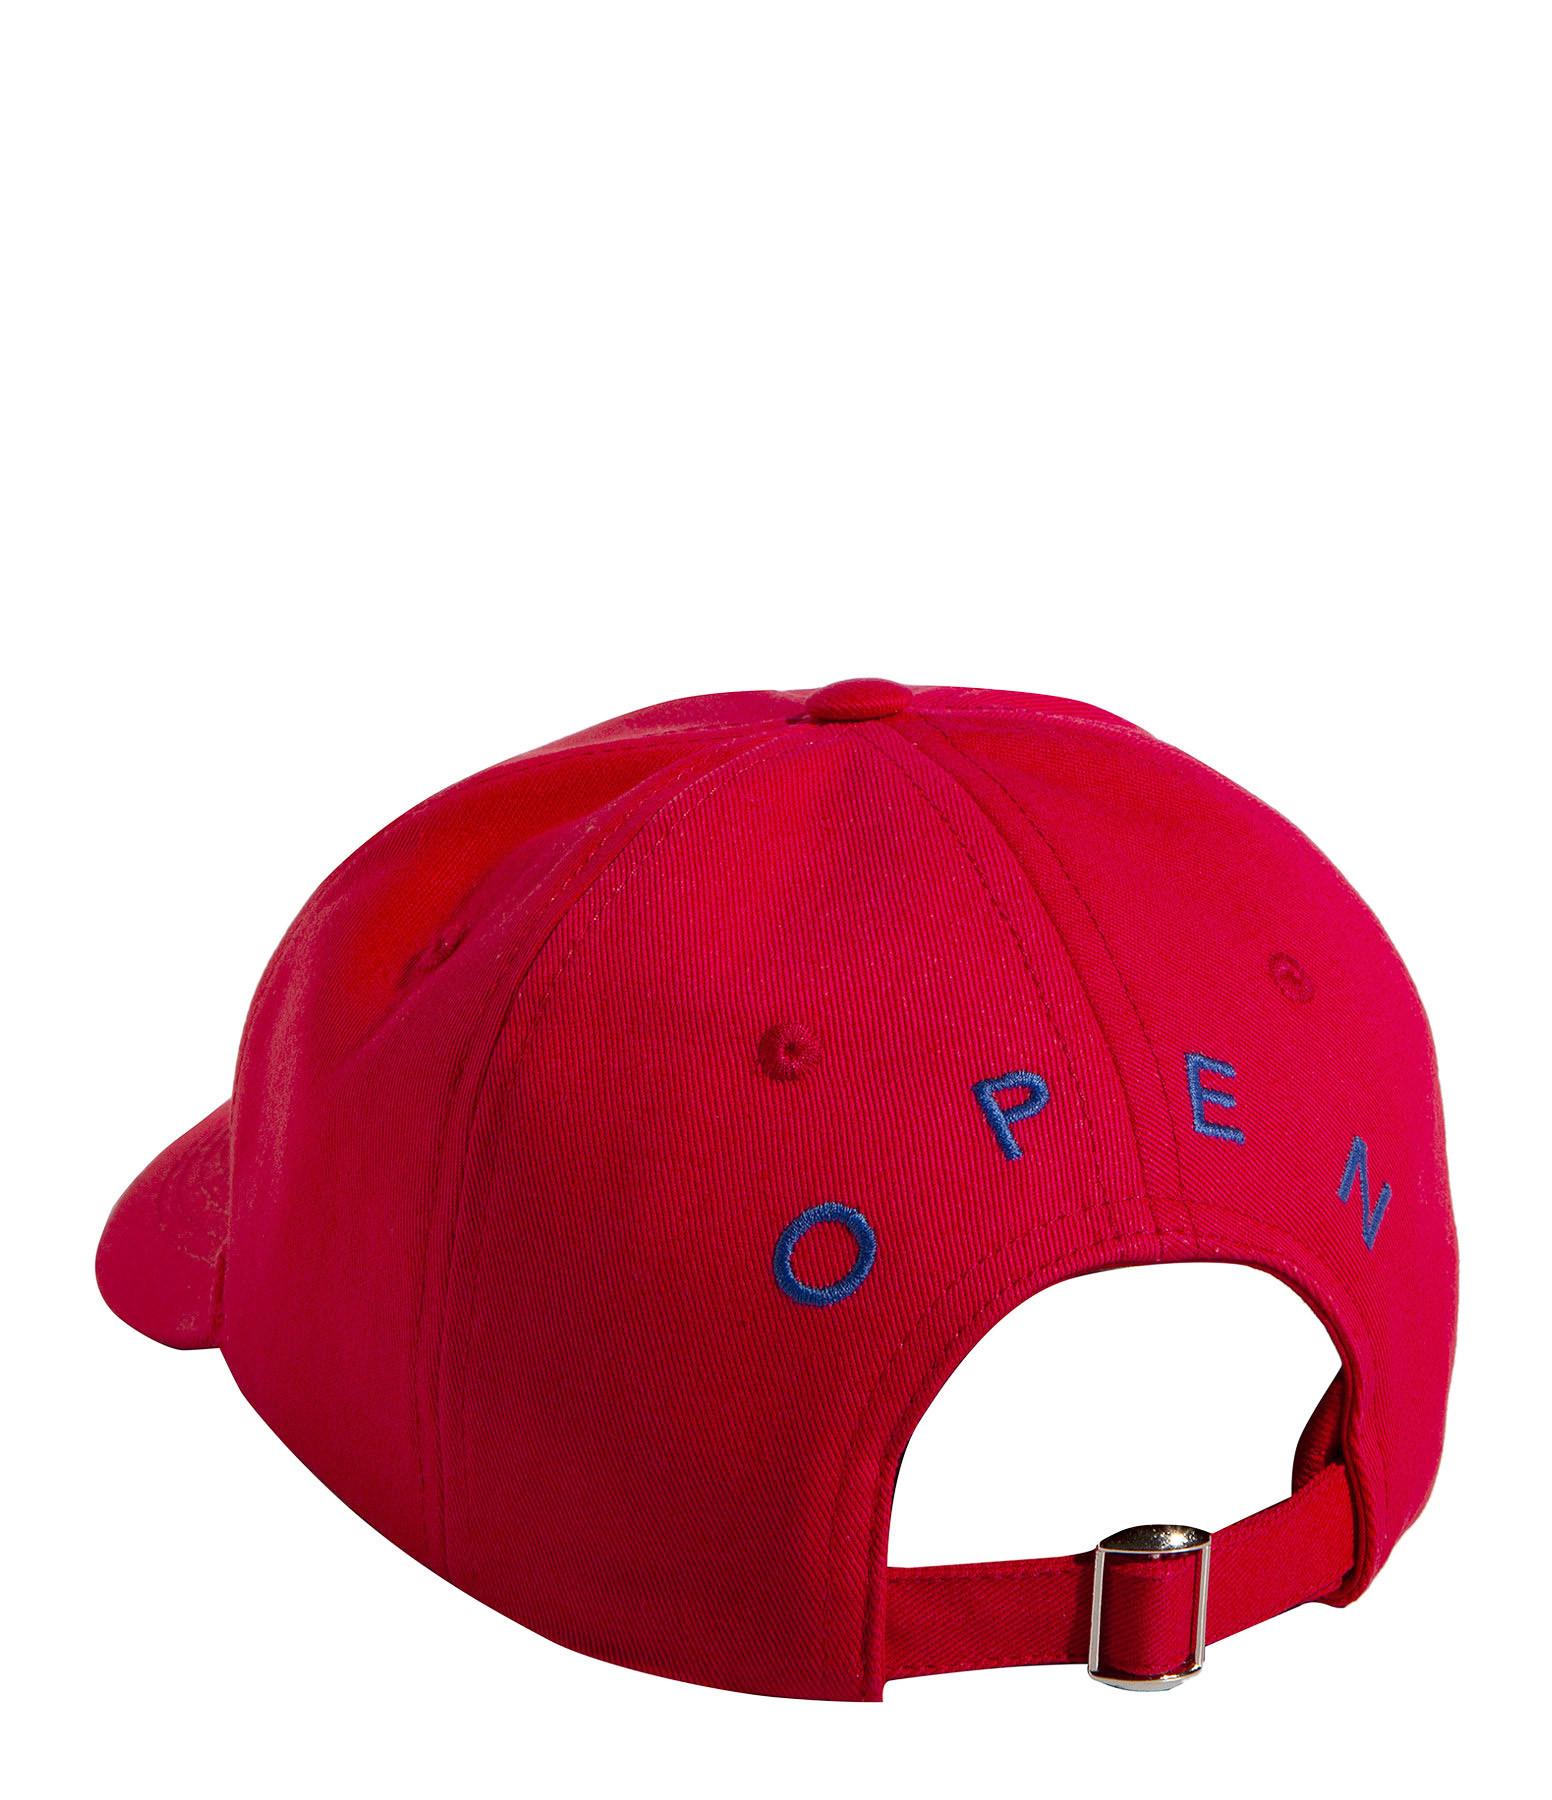 AUTRY - Casquette Unisexe Rouge, Capsule